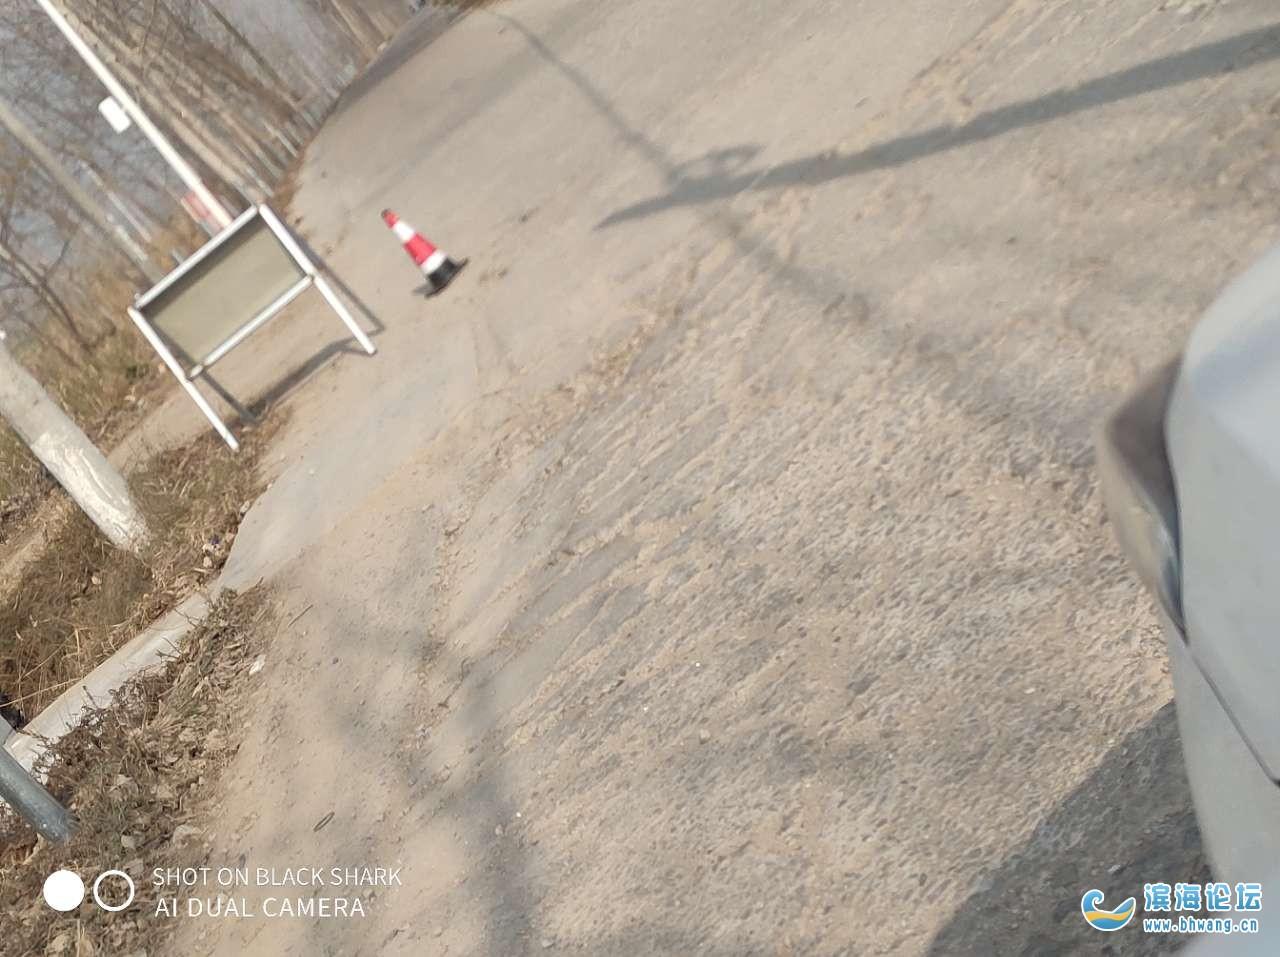 路不知道修不修,反正先来弄护栏!!这是本末倒置吗